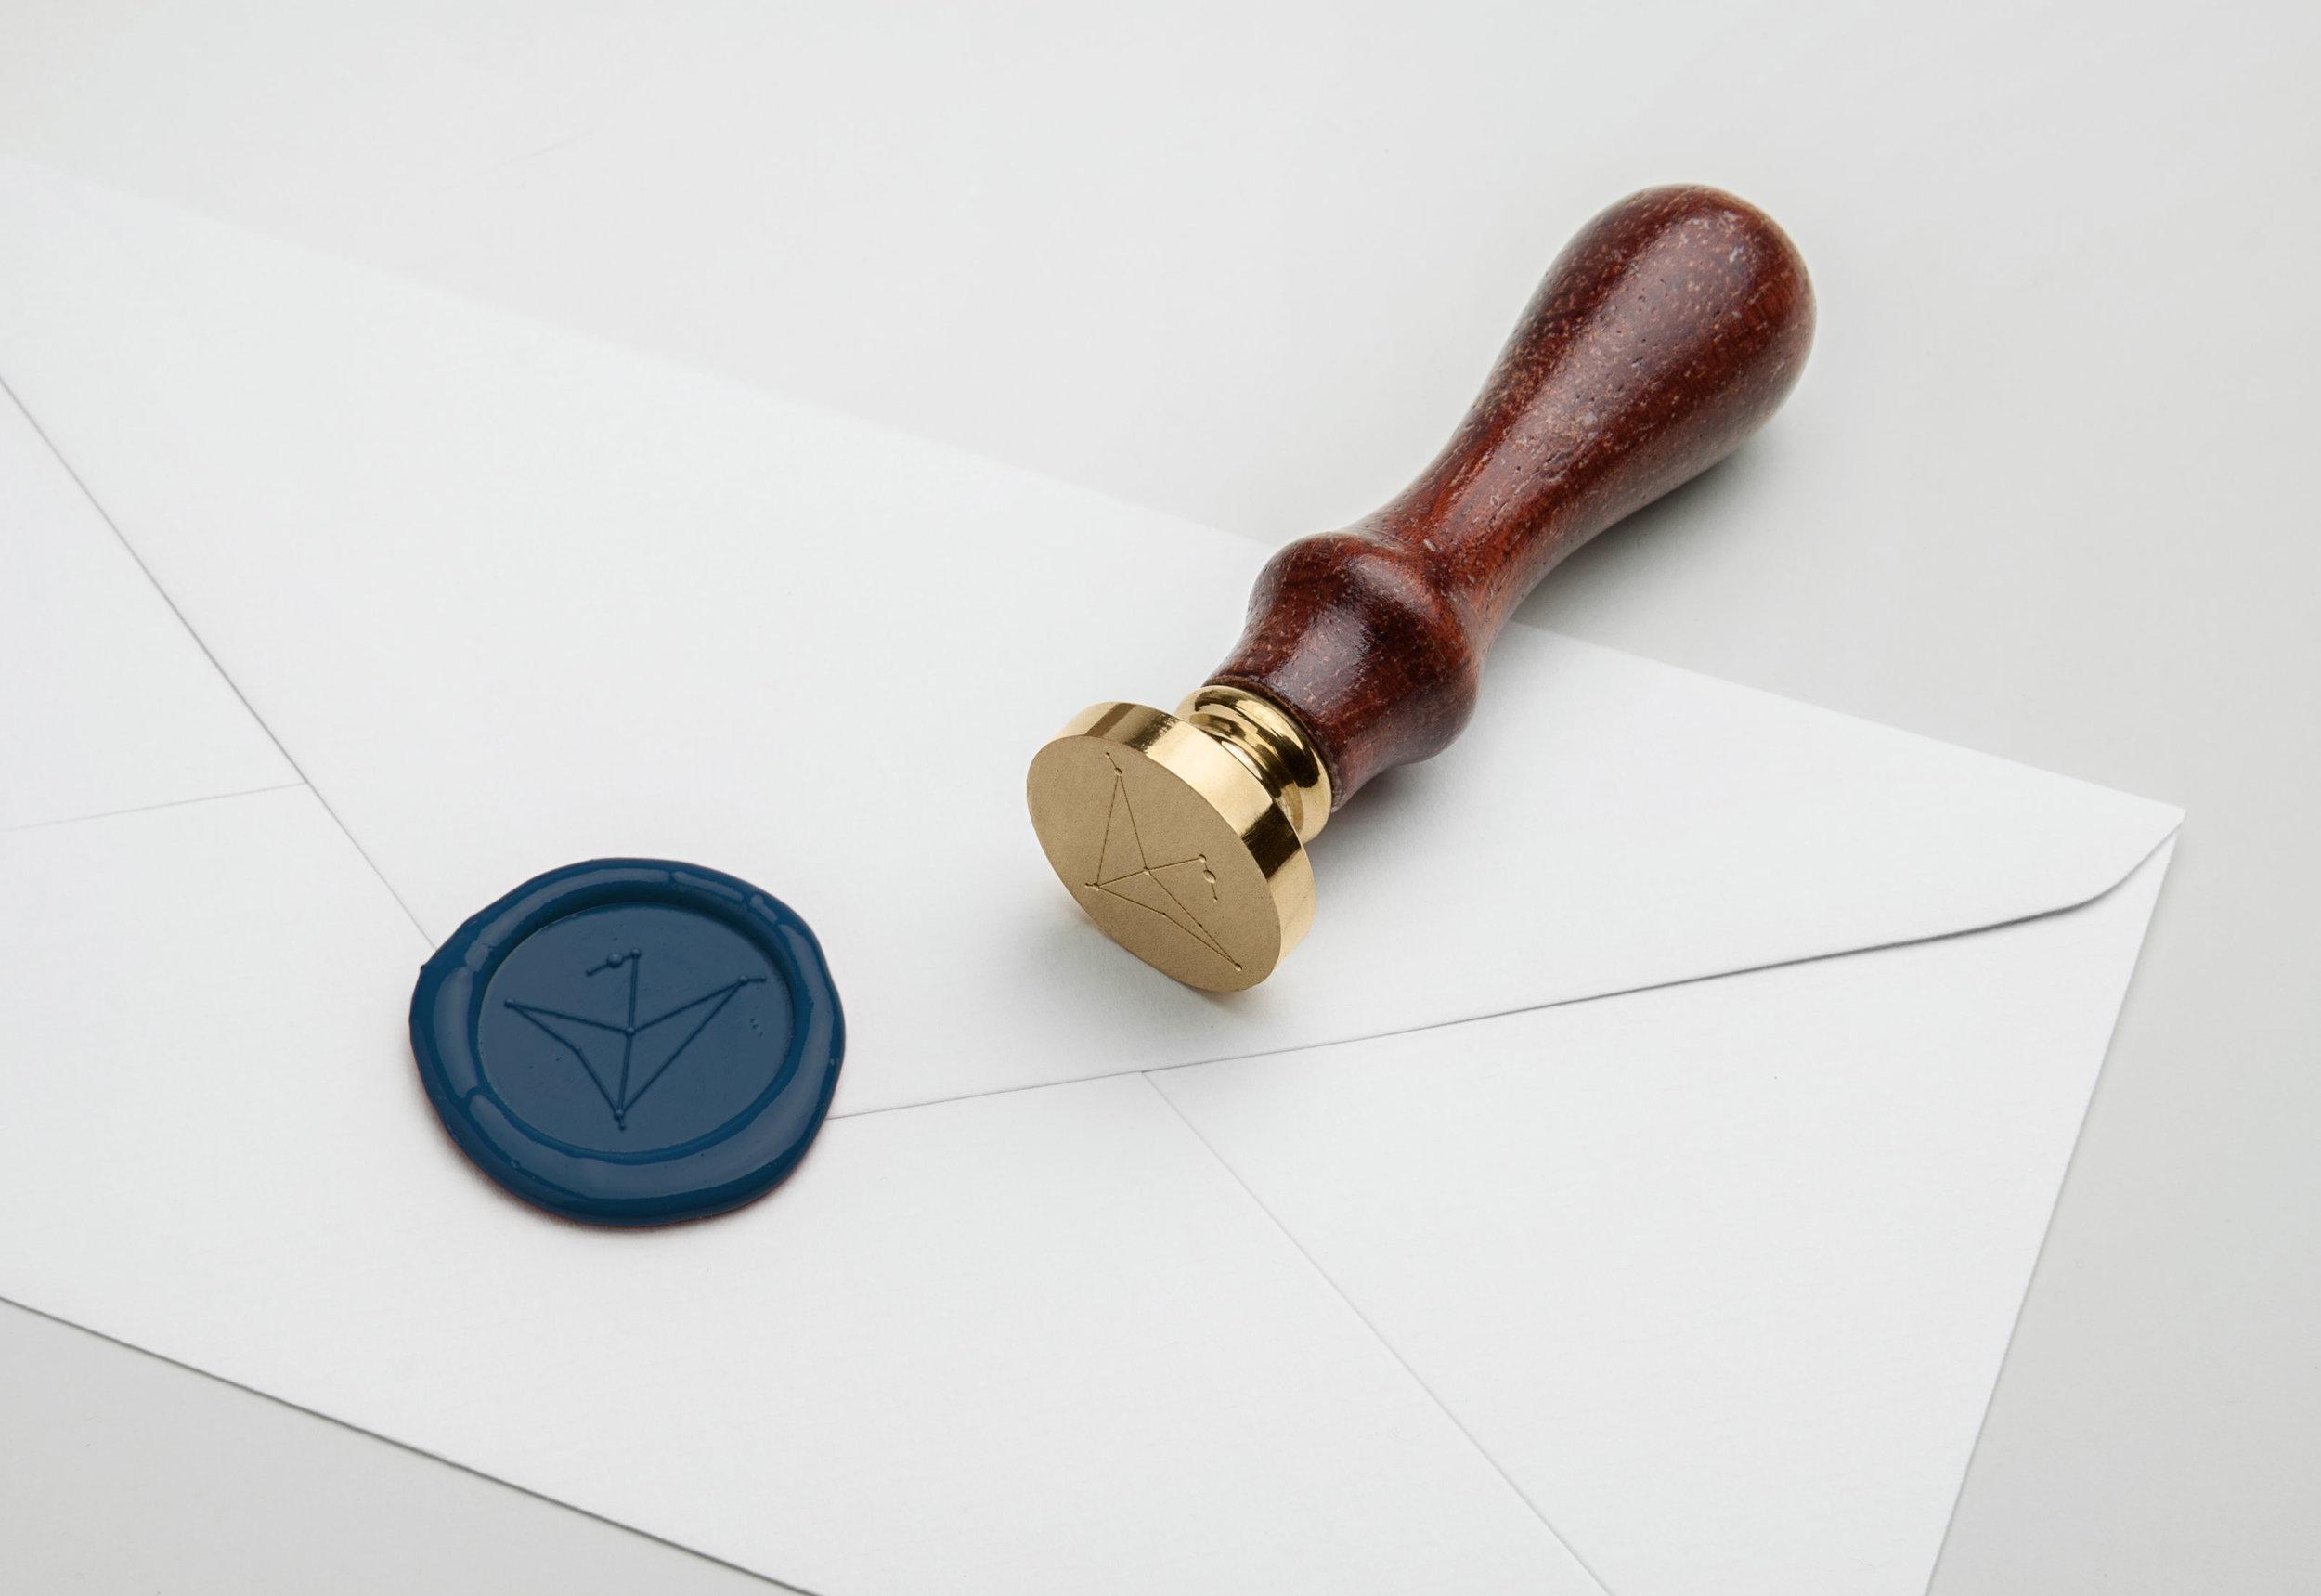 kim-gee-studio-graphic-design-cape-falcon-capital-stamp